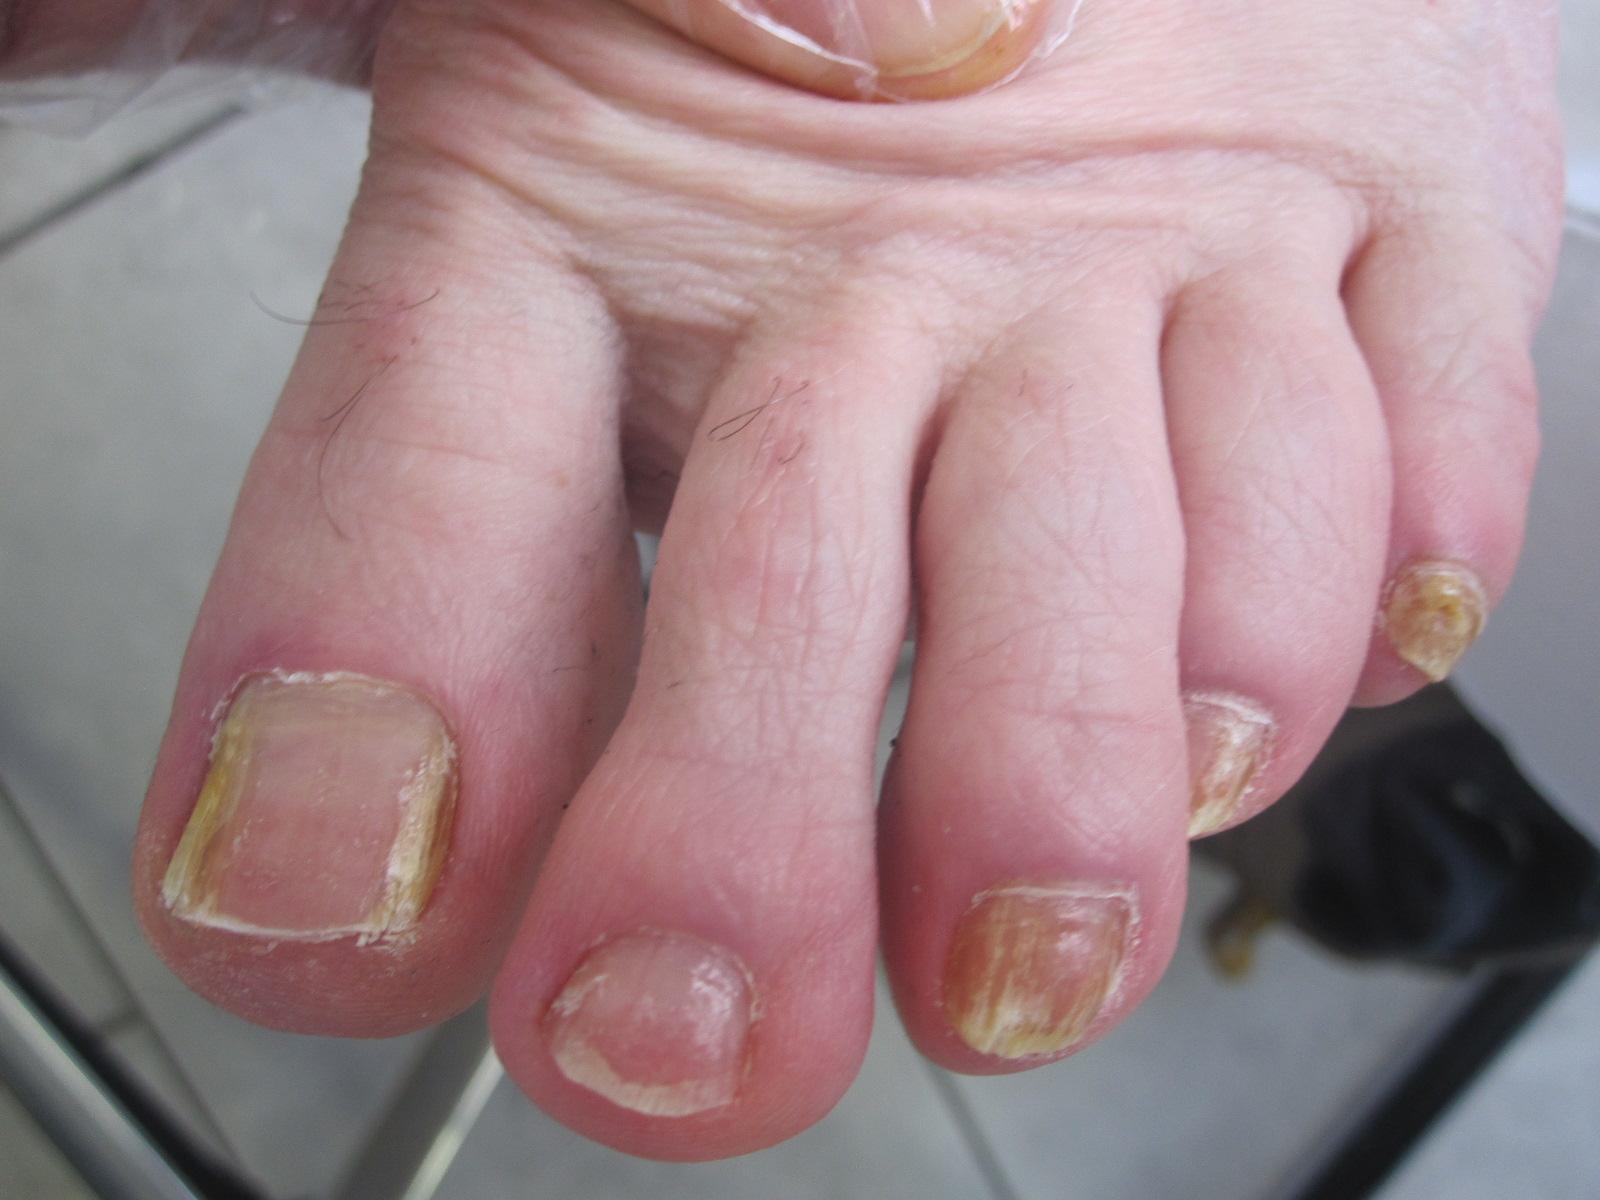 Die Behandlung der Nägel kaluga